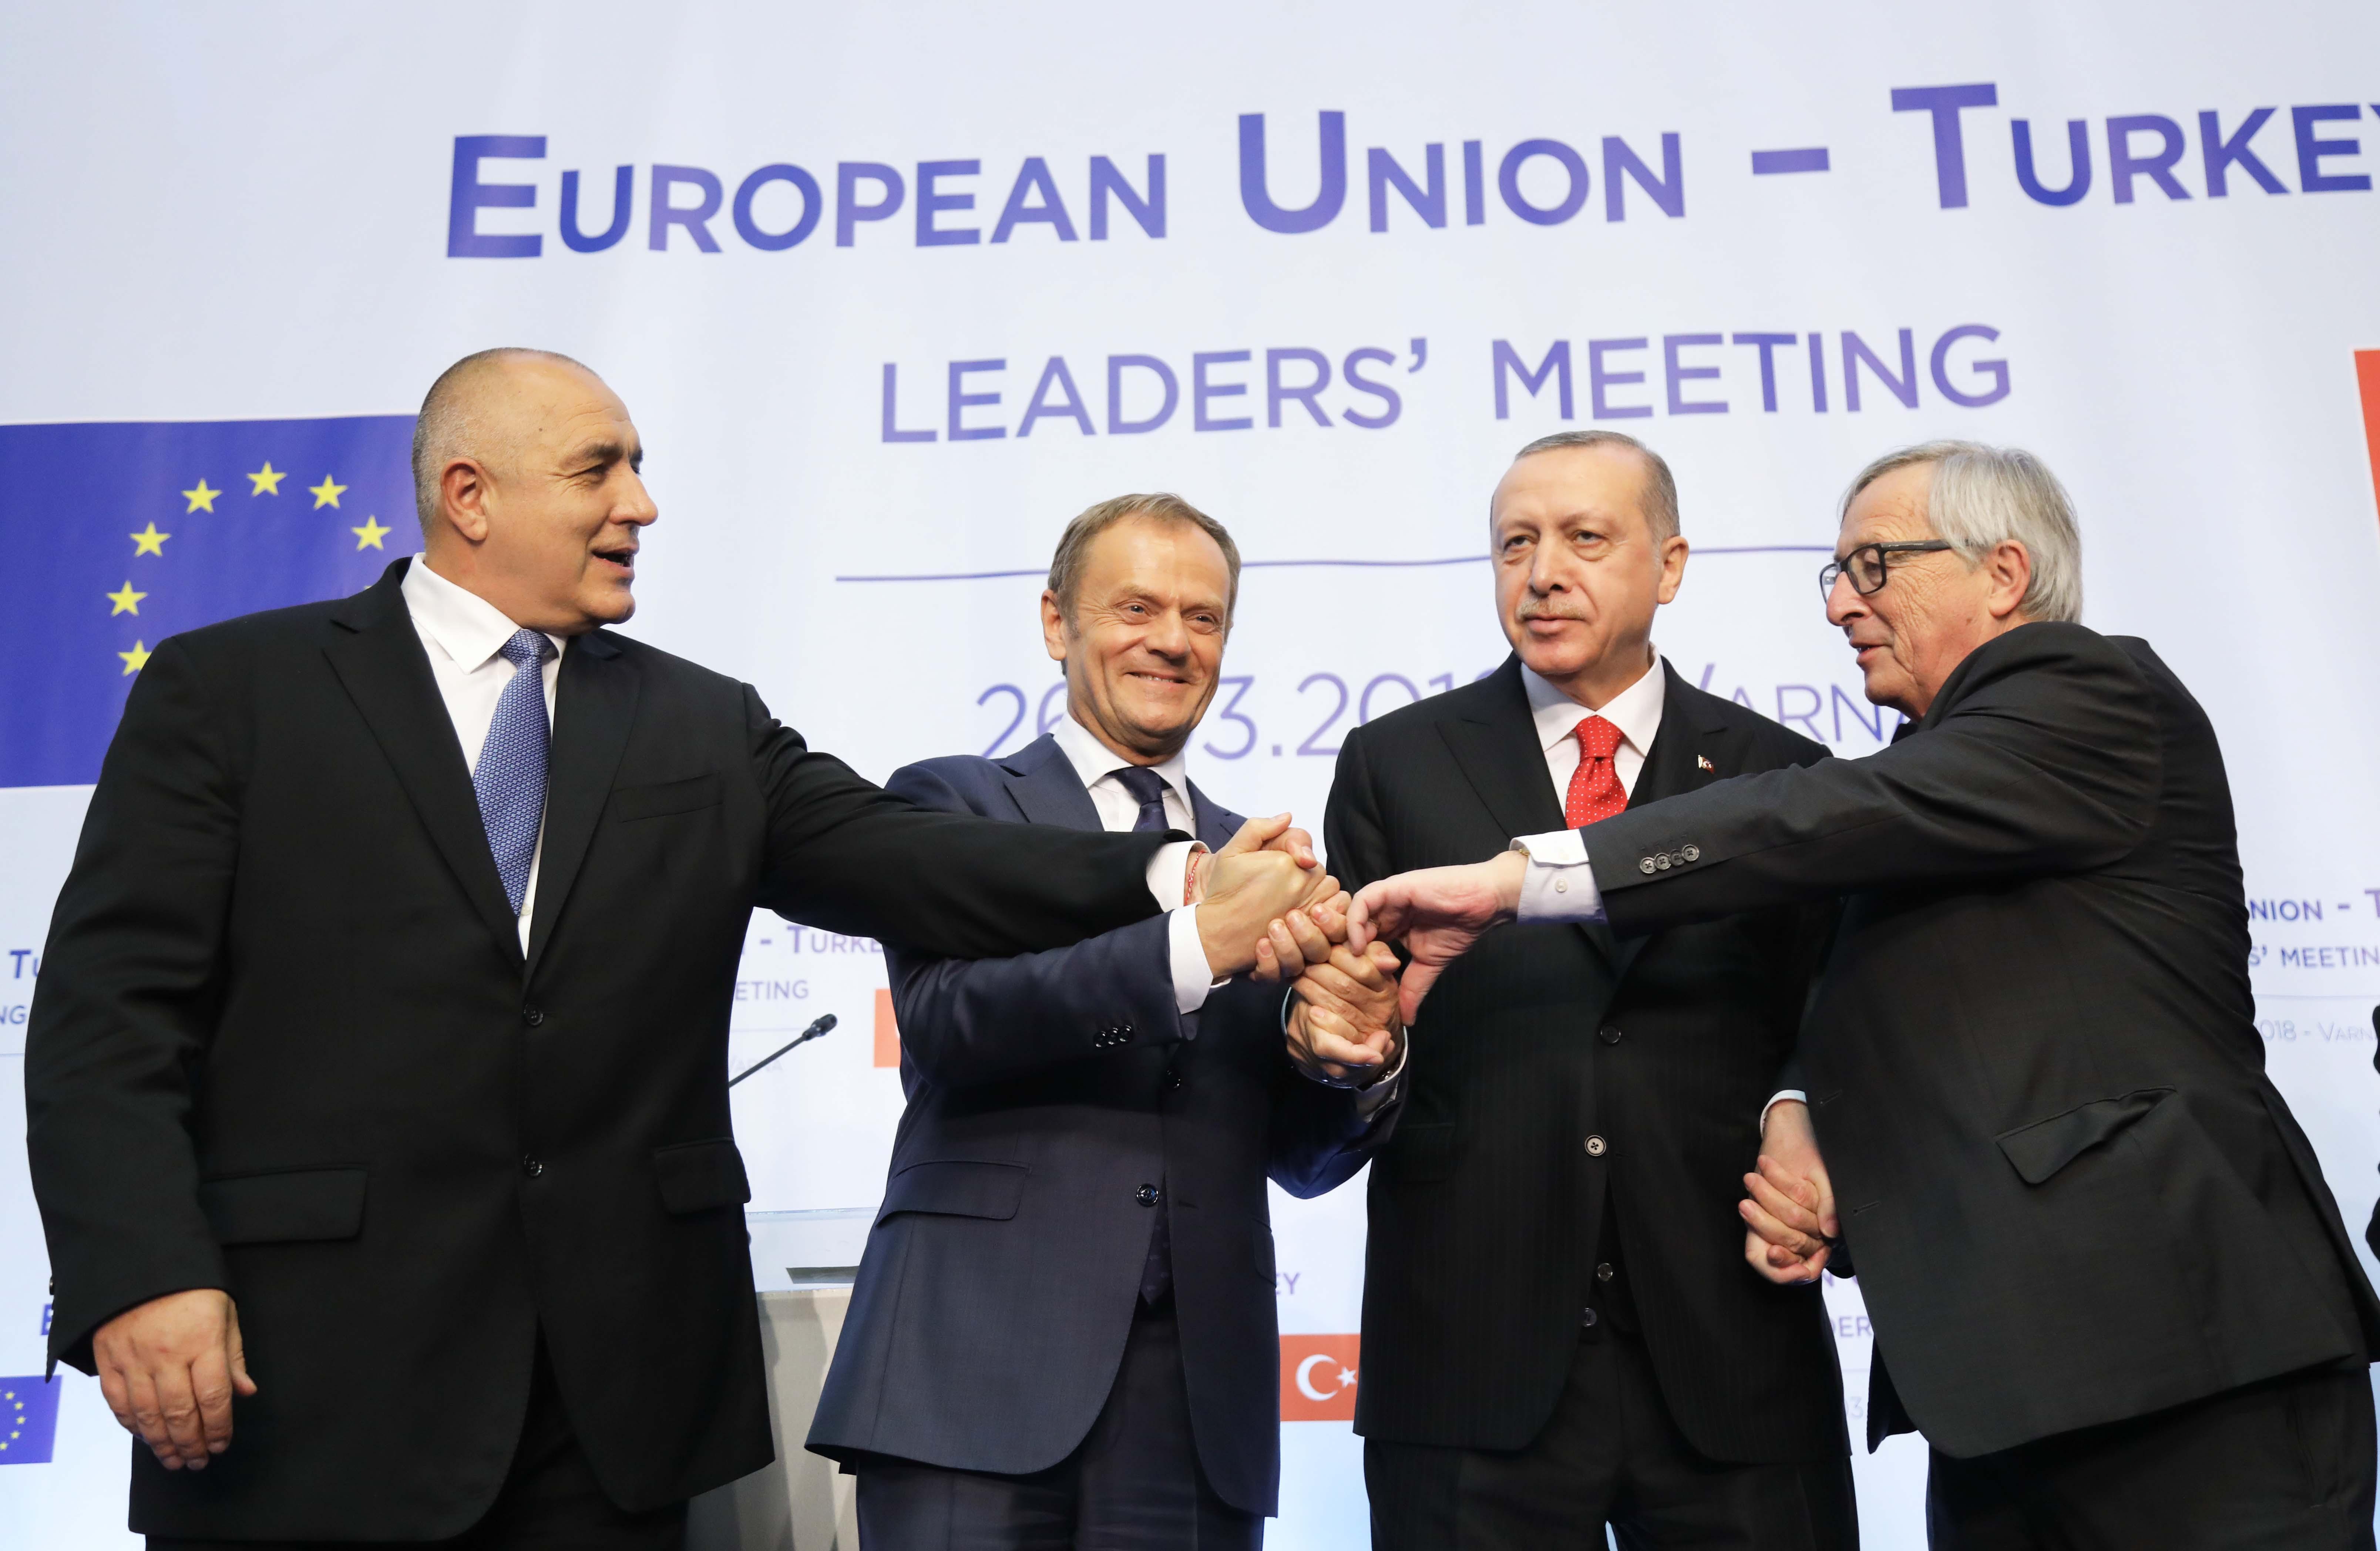 Ενημέρωση θα έχει ο Αλέξης Τσίπρας από τον Boyko Borissov για τη Βάρνα.